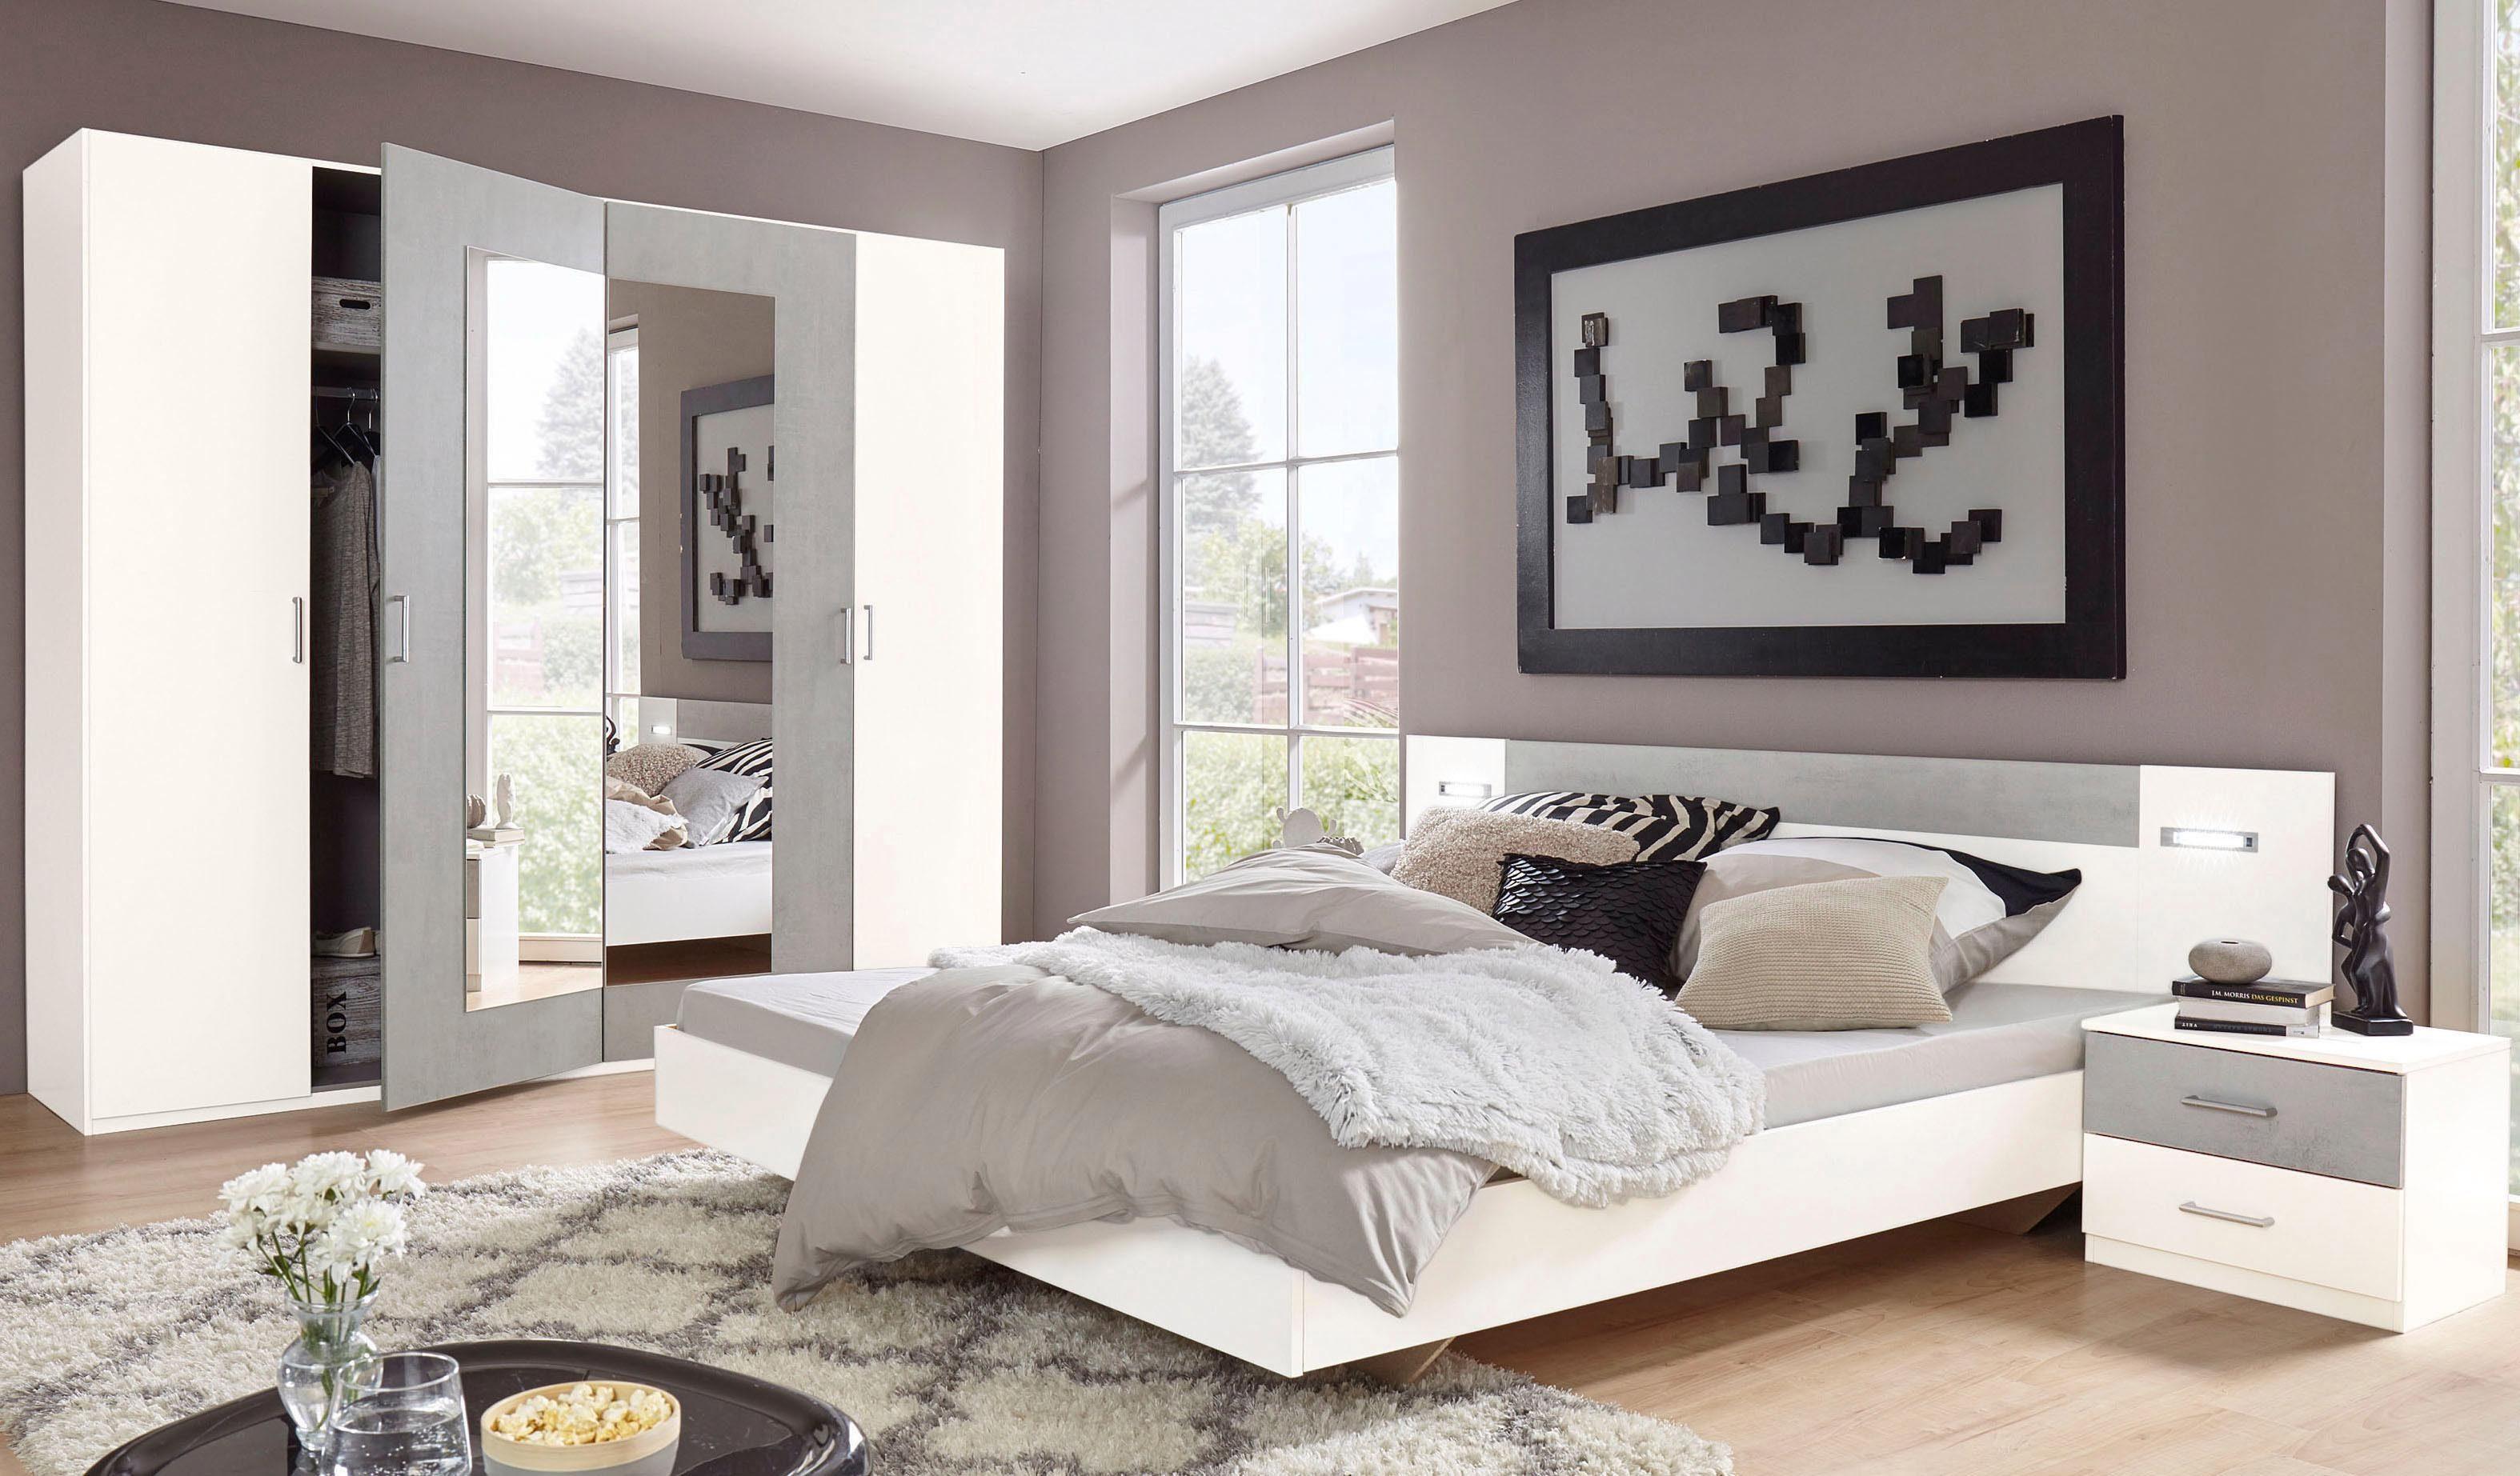 Wimex Schlafzimmer Set »Angie«, Set aus Schrank, Bett und 2 Nachttischen online kaufen | OTTO